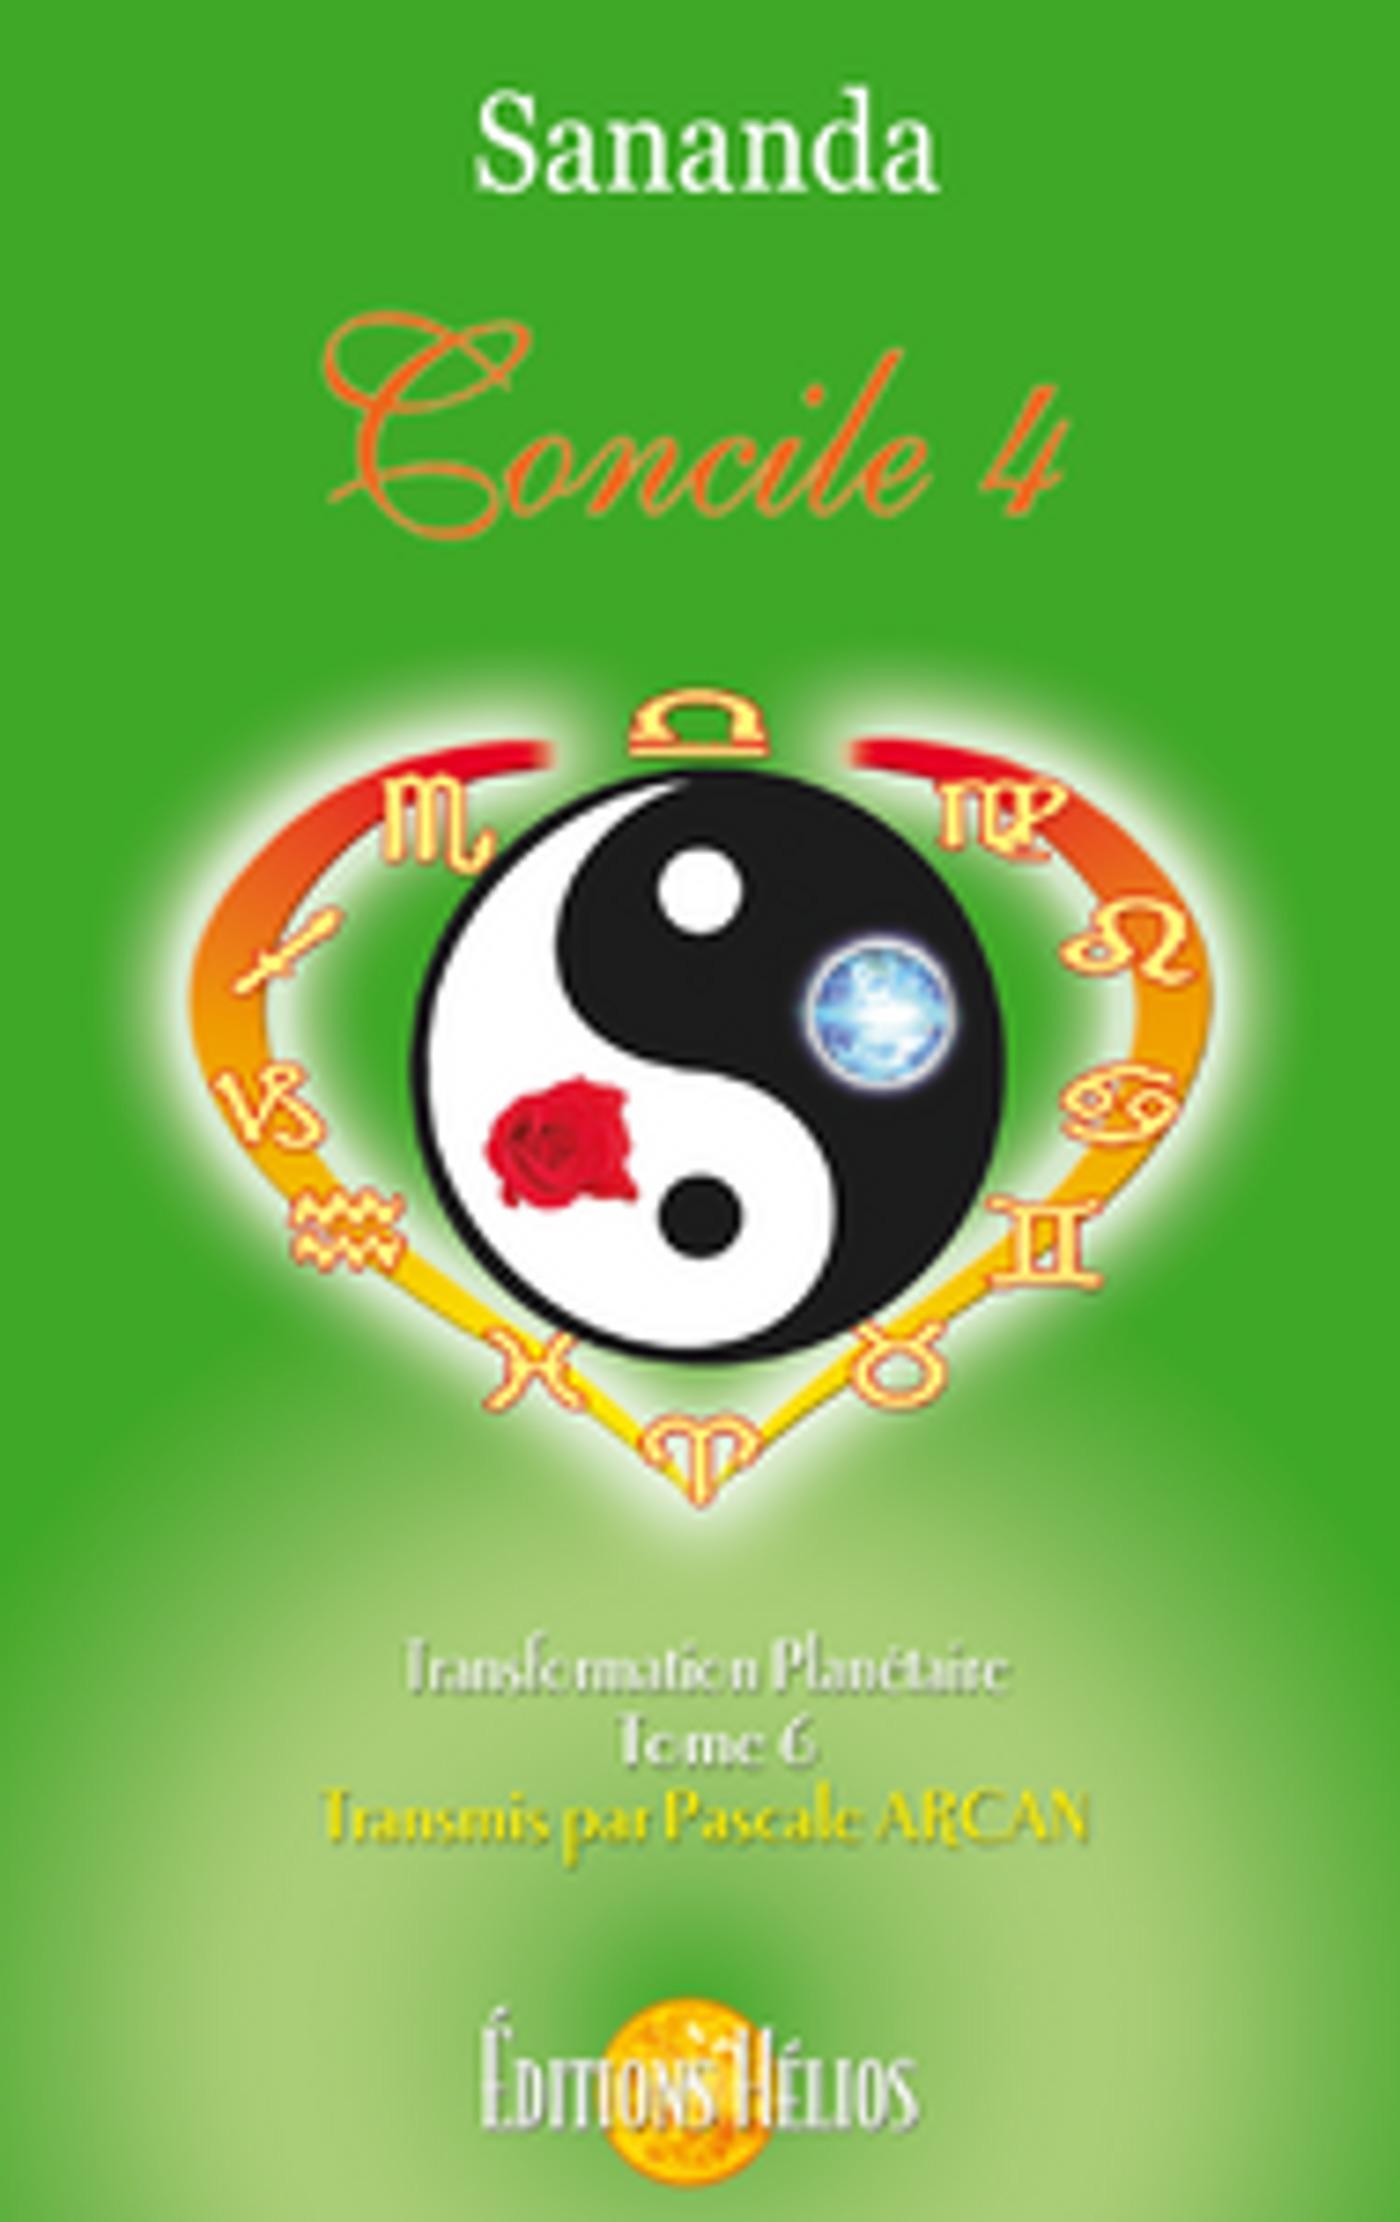 Concile 4 - Transformation planétaire Tome 6